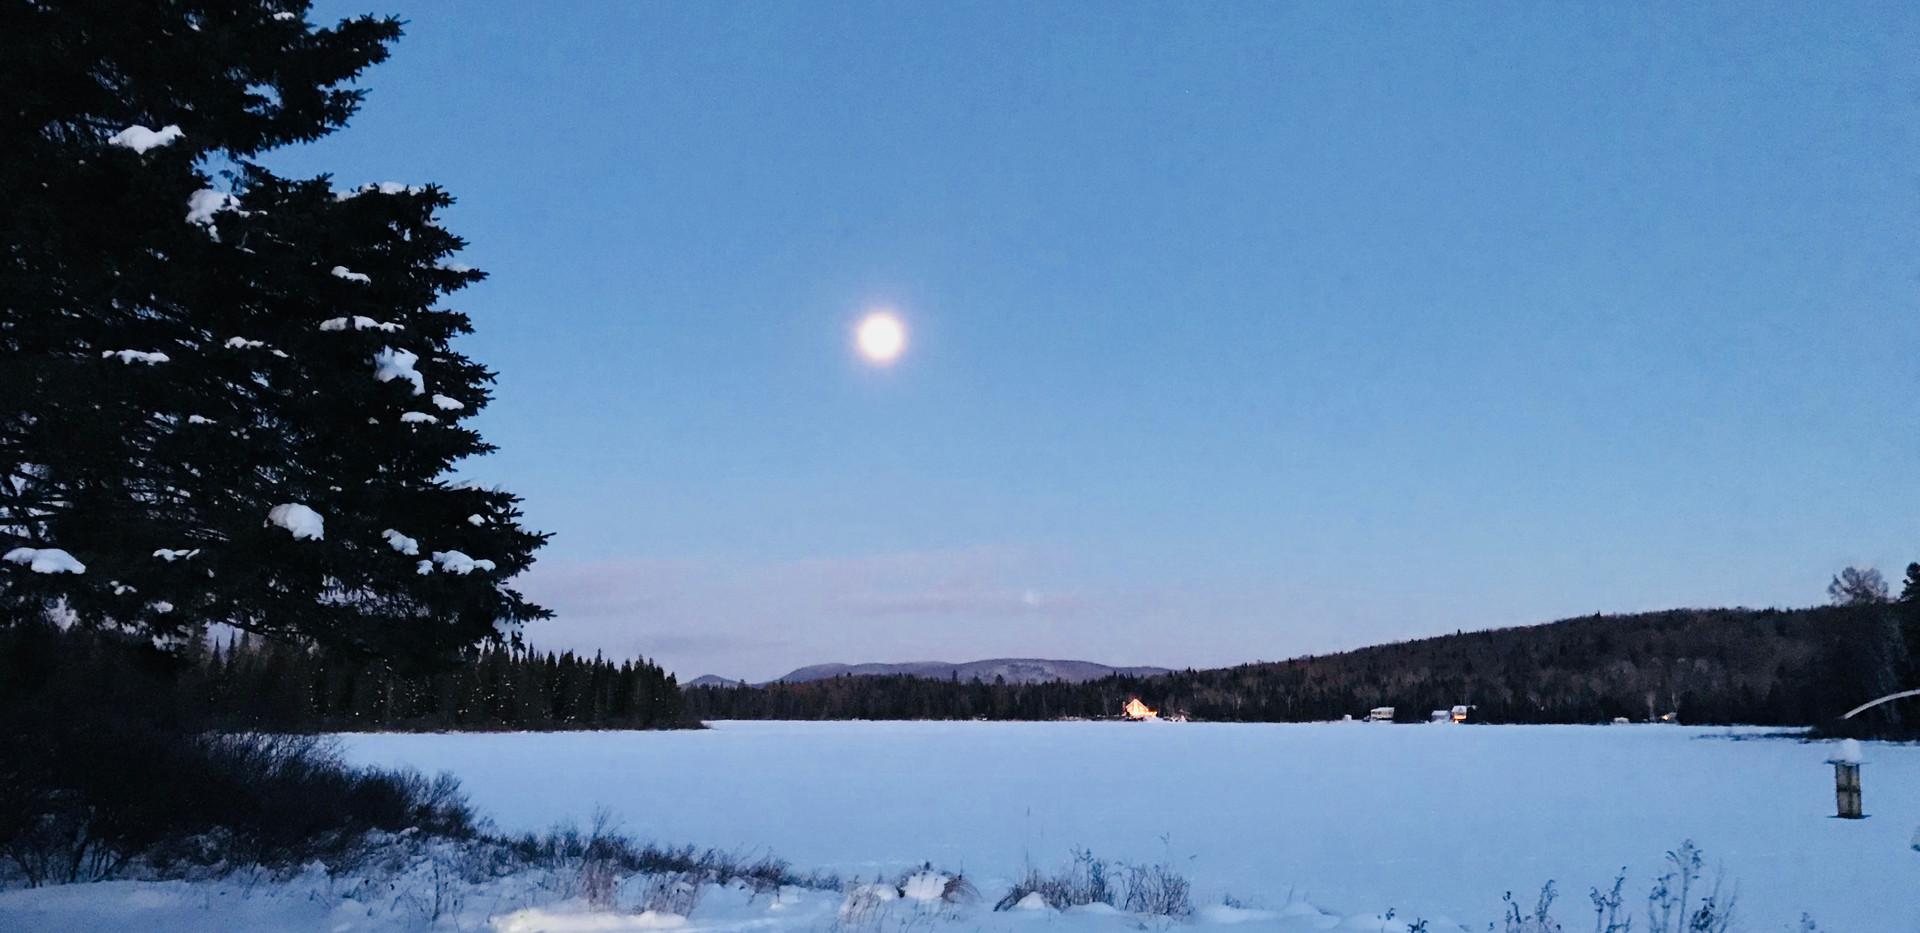 Chalet à louer au Québec | face au lac | 4 saisons Le Cocooning L'Ascension | Lune